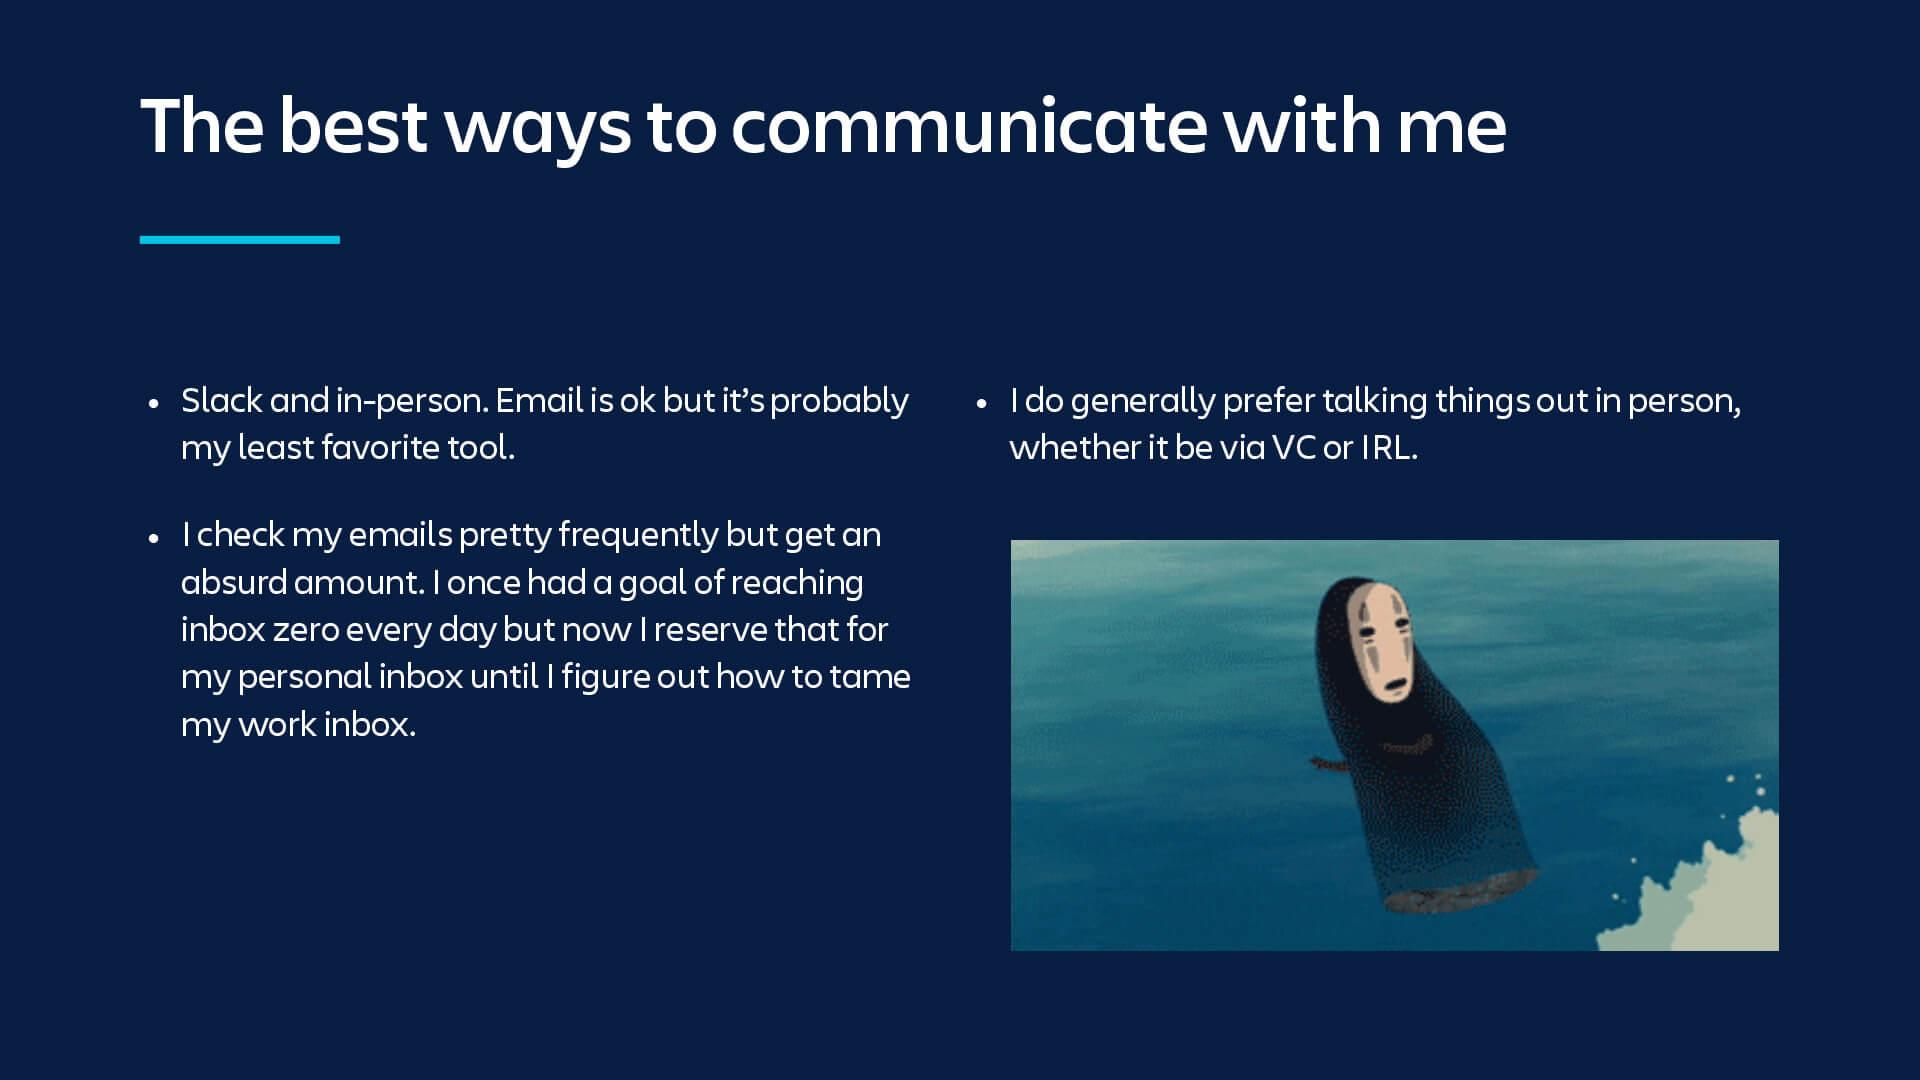 Explicação sobre a melhor maneira de se comunicar